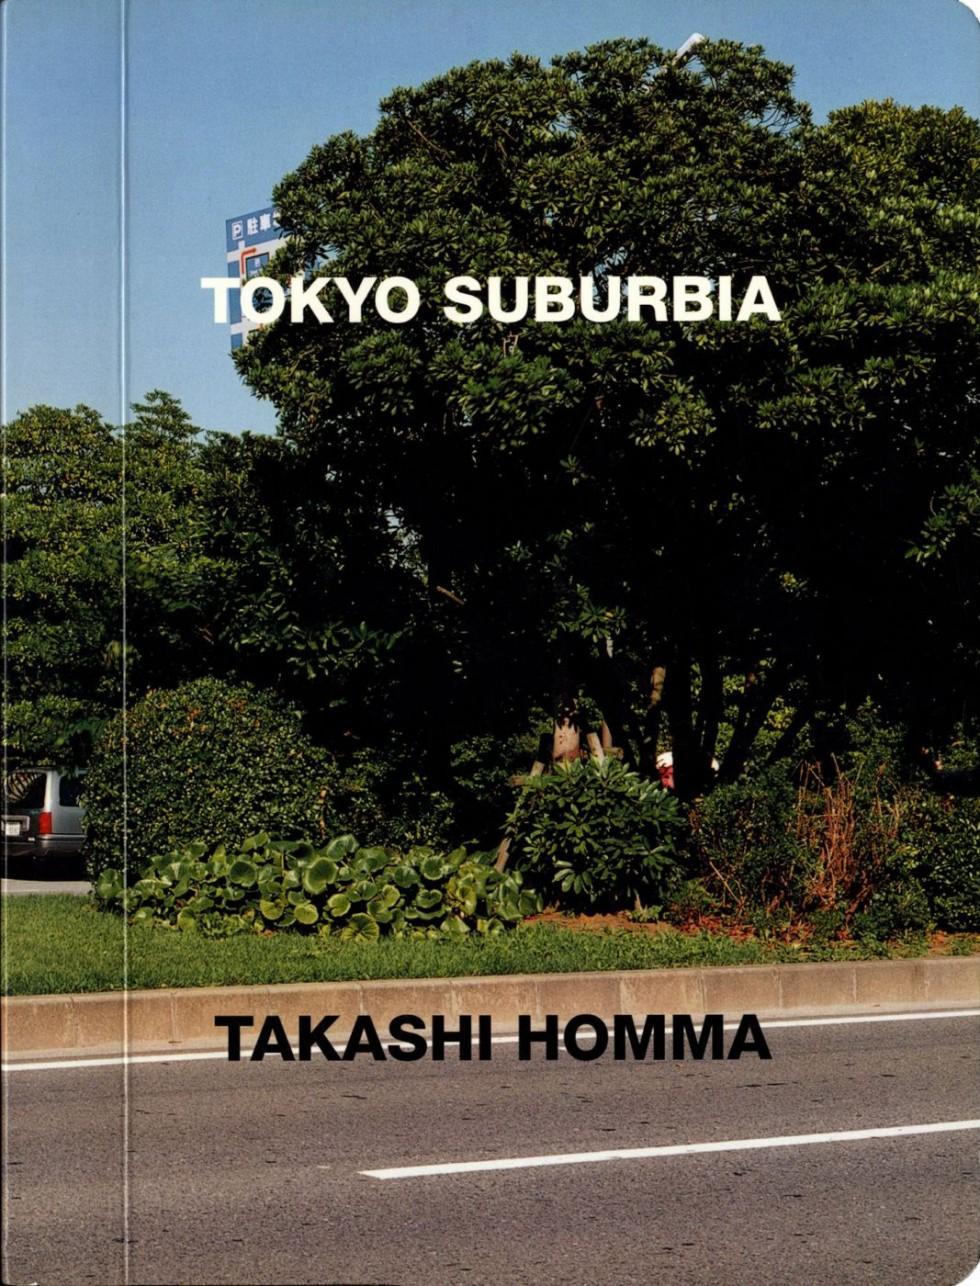 Tokyo Suburbia - La periferia di Tokyo vista dagli occhi di un insider | Collater.al 1